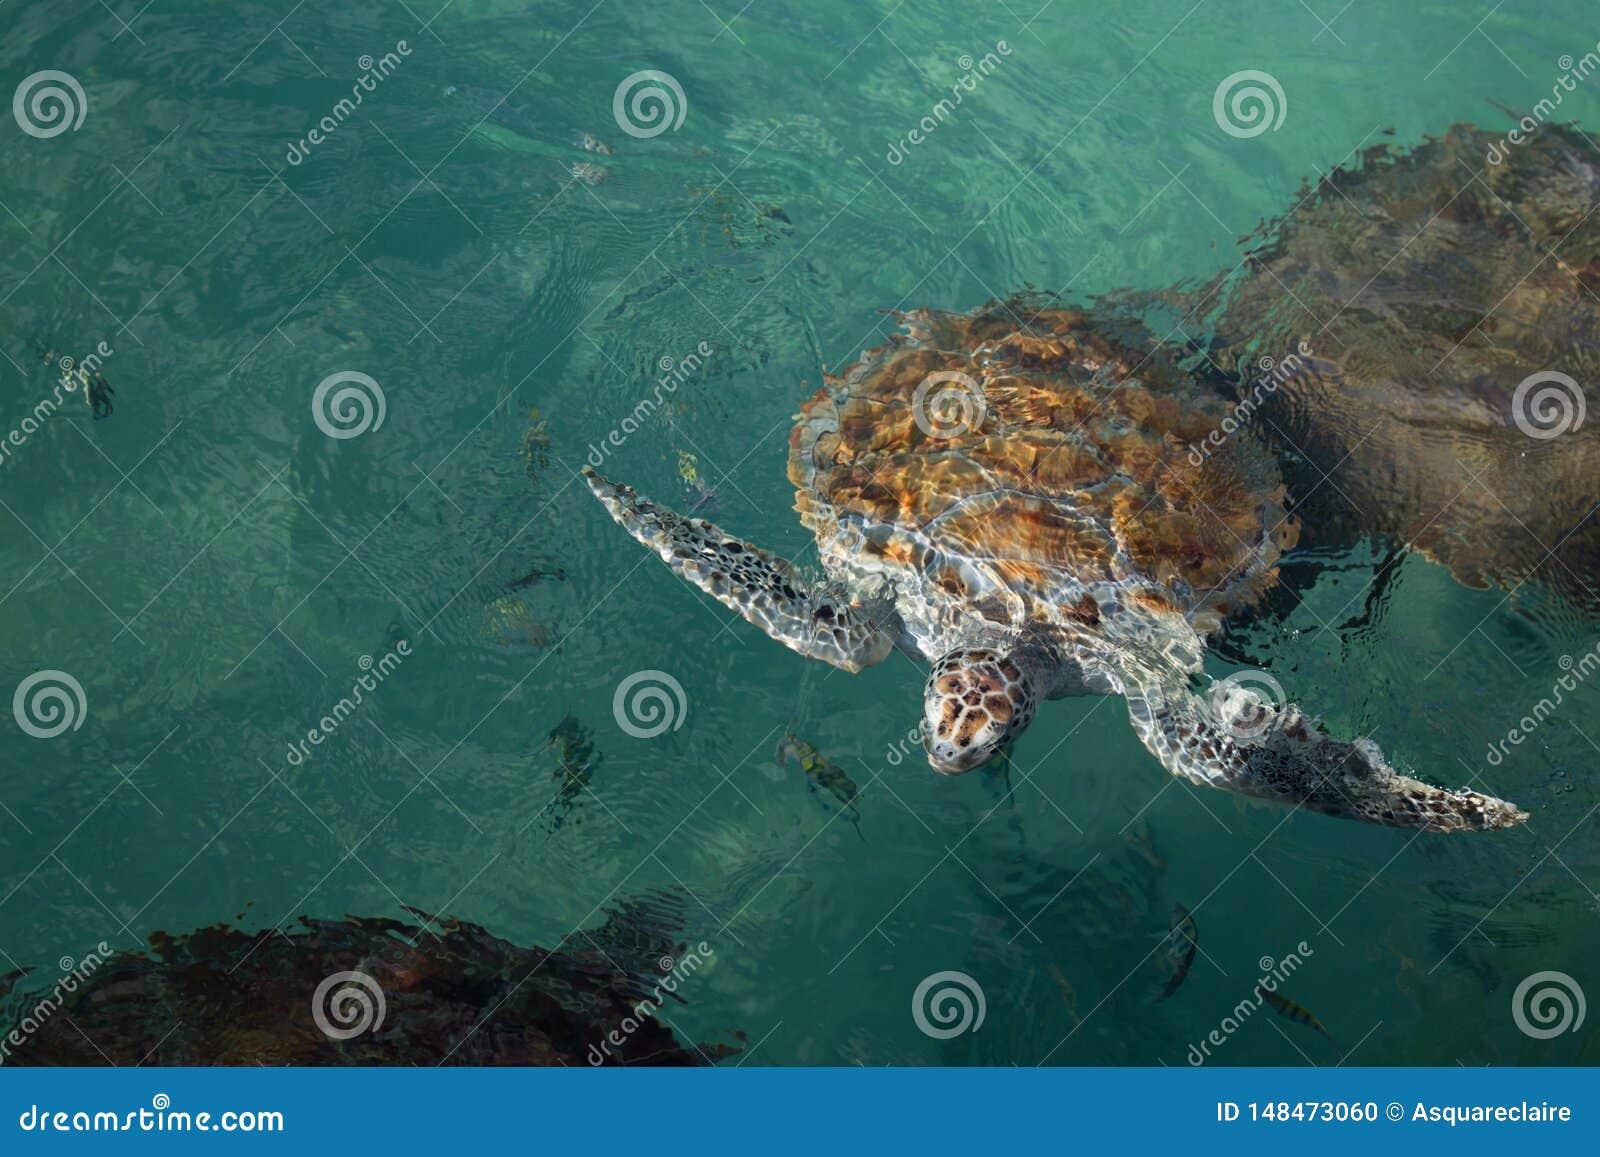 Zeeschildpad dichte eerlijke hoofd en vinnen aan oppervlakte van water